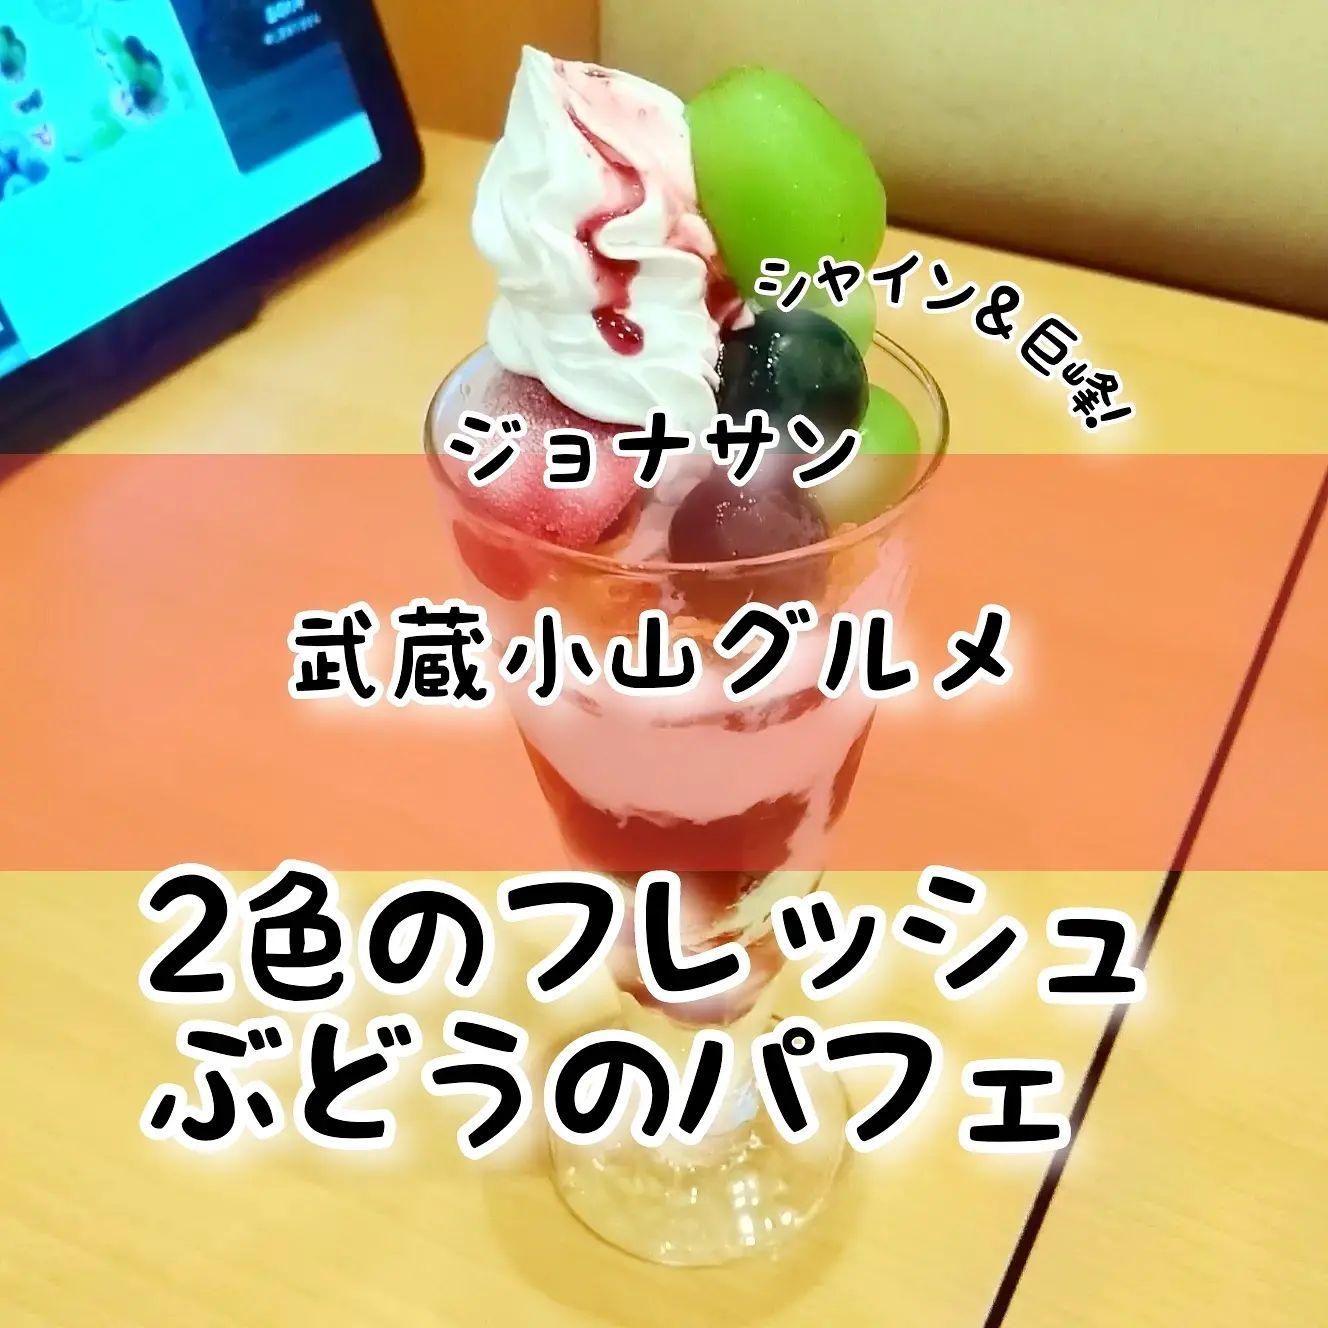 #武蔵小山グルメ情報 #ジョナサン #2種のフレッシュぶどうのパフェ シャインマスカットと巨峰を食べ比べできちゃう季節のパフェ!アイスに負けないぶどうの甘さ!おもいで度--☆-- #侍猫度マイルド系--☆--スパイシー系あっさり系--☆--コッテリ系シンプル系--☆--ゴロゴロ系オールド系--☆--ニュー系シャインマスカットと種無し巨峰を食べ比べできちゃう季節のパフェですな!アイスやらぶどうゼリーやら色々中に甘い仕掛けが入ってますがね、季節のぶどうのフルーティーな甘さが際立って美味しいやつ!シャインマスカットも好きですがね、巨峰の重くしっかりした味わいのが好きかな。場所は、駅から商店街を中原街道方面に進んで、アーケード終わりが見えてきたあたりですね。自転車屋の近くですな。 もっと武蔵小山のお店を探す時はメインサイトが見やすいですぞ!プロフィール画面に記載のURLからGO!→@musashikoyama.news ※本店だと地図が見やすくなっとります。画像やら記事もちょいとだけ違う感じになっとりますよ!【武蔵小山情報募集】おすすめのお店やらメニューがございましたら侍猫さんの食べに行くリストへ追加しますので、コメントやらメッセージやらでうまいこと教えてくださいな!…きっと行きます。 #武蔵小山 #武蔵小山情報 #武蔵小山ランチ #ランチ #グルメ #武蔵小山商店街 #武蔵小山パルム #武蔵小山商店街パルム #武蔵小山駅 #武蔵小山グルメ #武蔵小山ランチ #武蔵小山ディナー #武蔵小山食事 #武蔵小山モーニング #東京 #東京グルメ #東京 #東京グルメ  #musashikoyama #tokyofood #tokyo